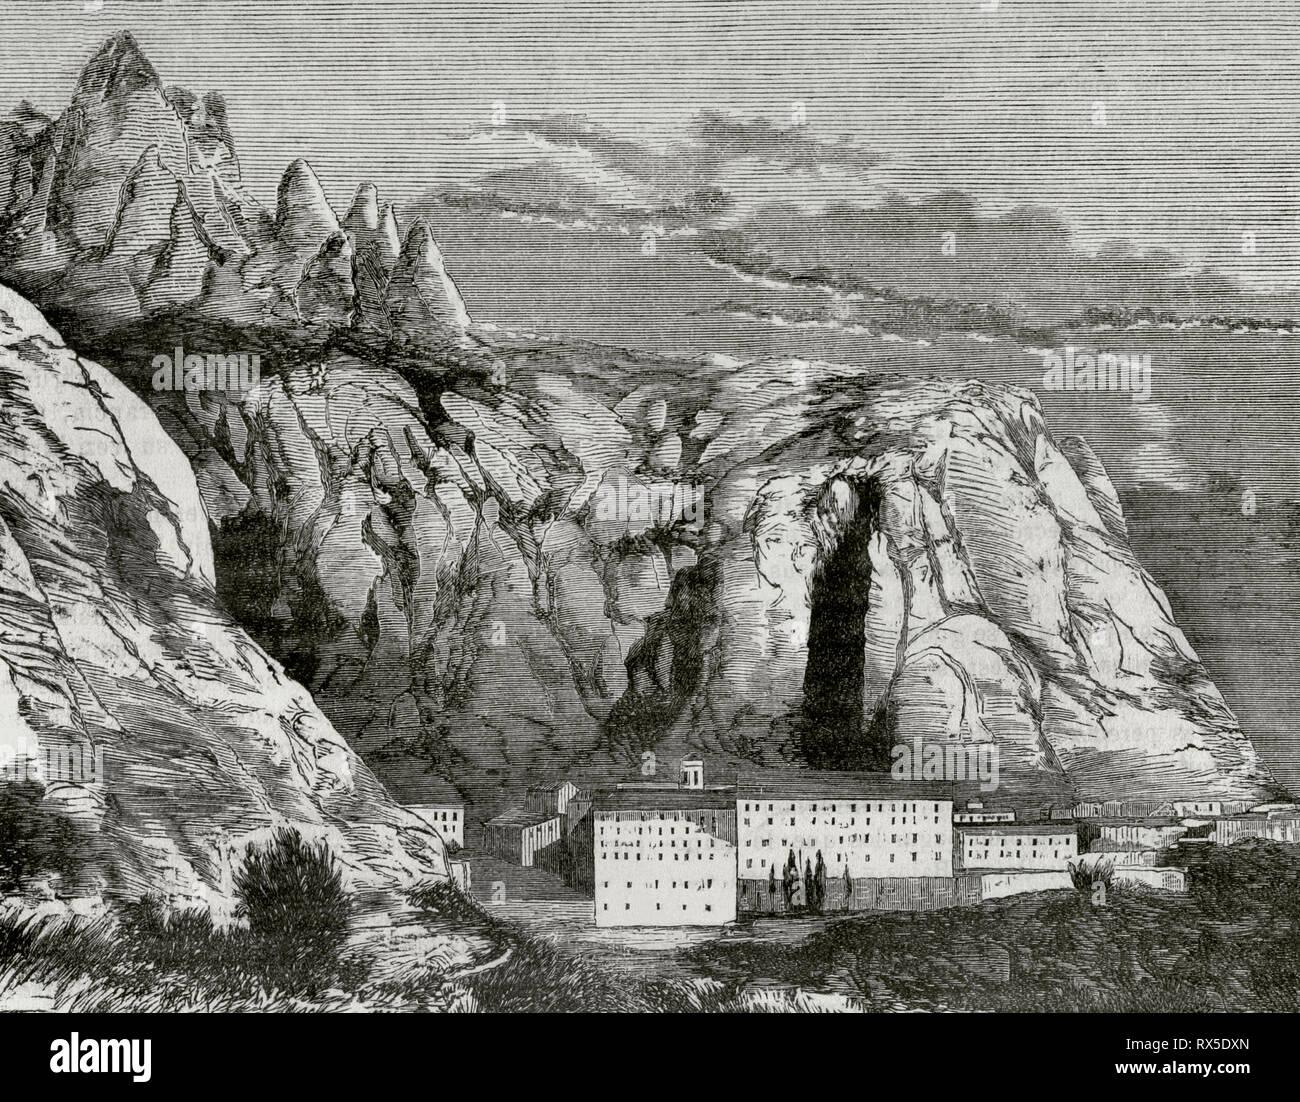 Abbey of Montserrat. Panoramic view. Province of Barcelona, Catalonia, Spain. Engraving. Crónica General de España, Historia Ilustrada y Descriptiva de sus Provincias. Catalonia. 1866. Stock Photo